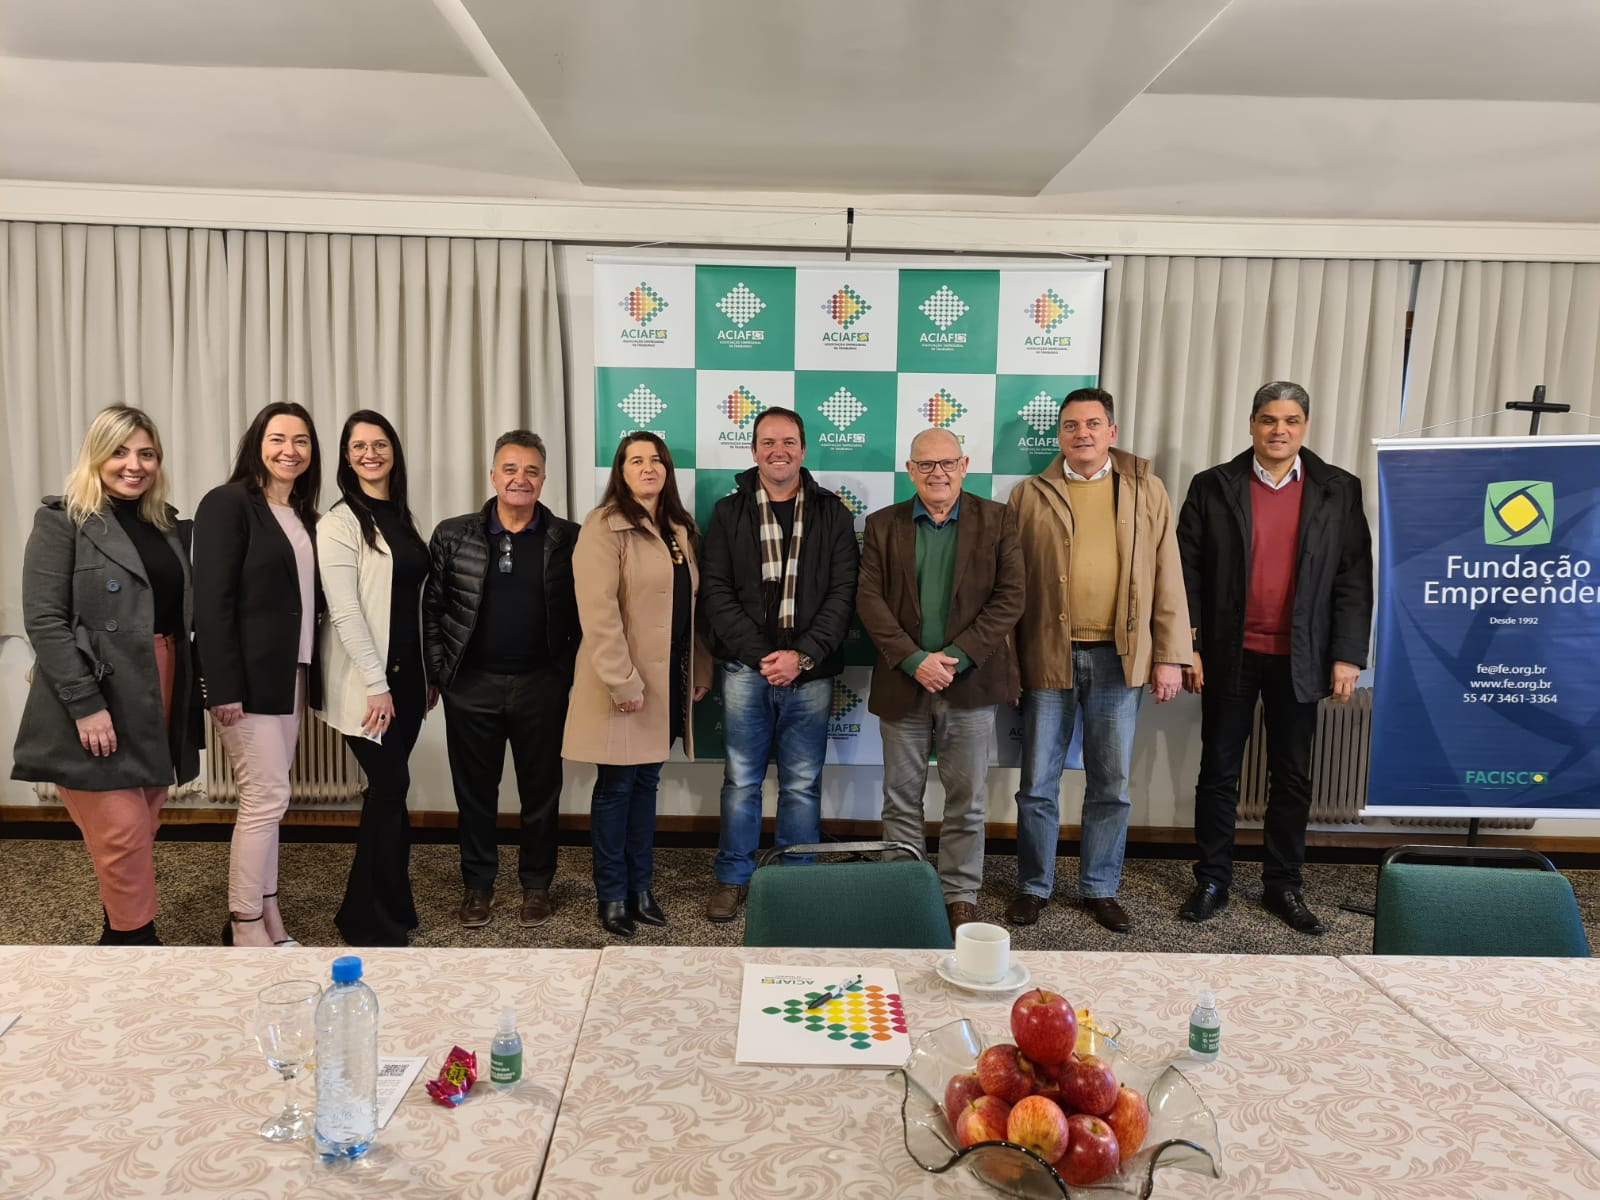 ACIAF sedia reunião da Fundação Empreender